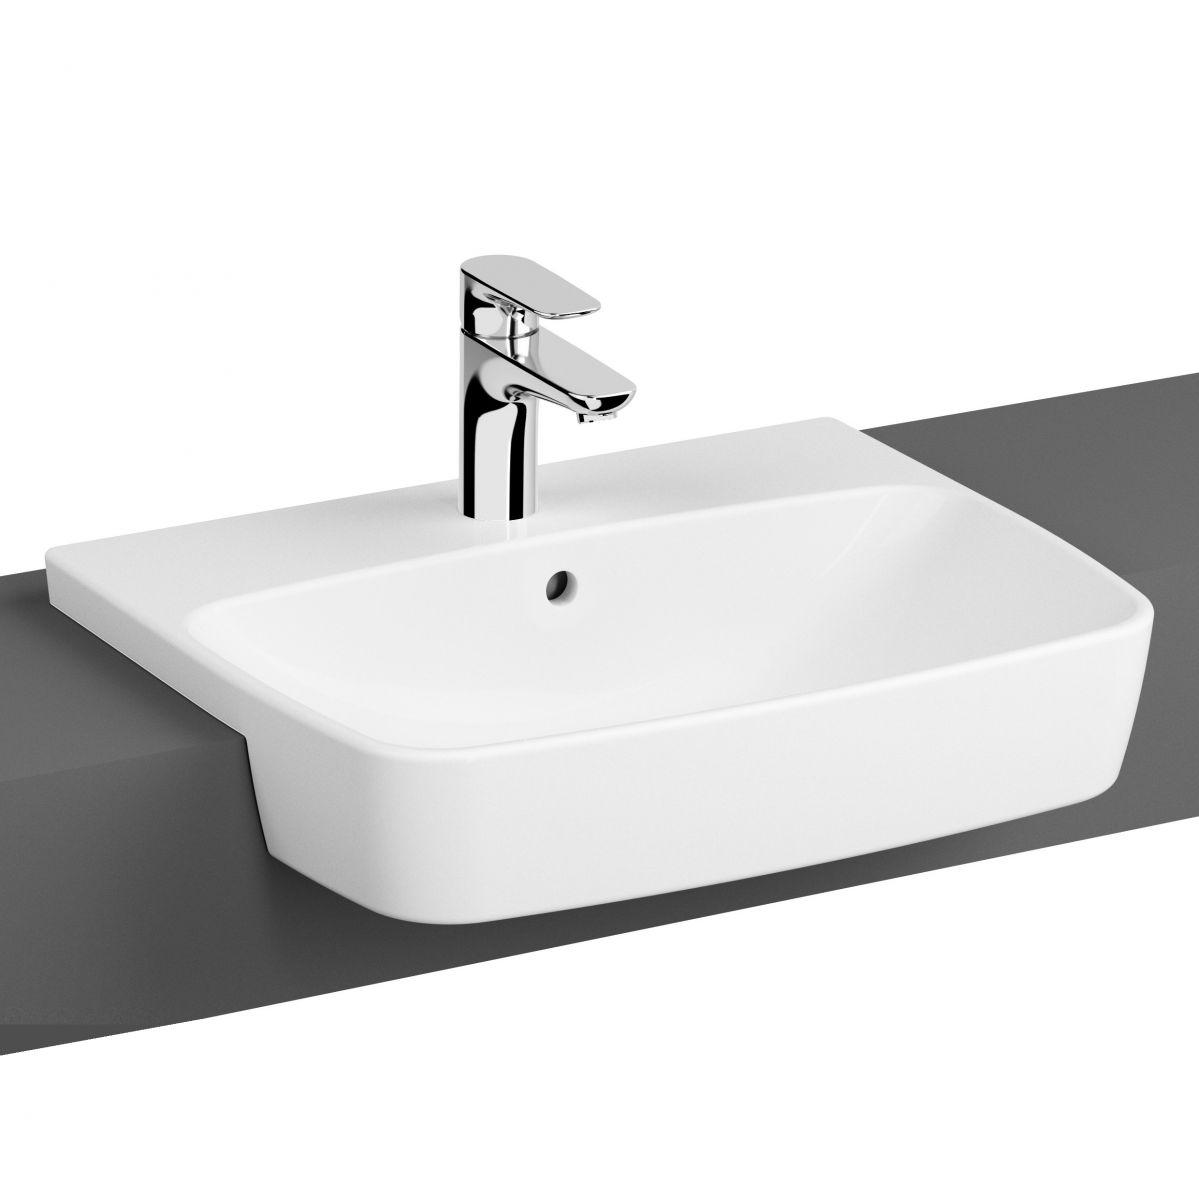 Vitra Shift Semi Recessed Basin 70730030001 Uk Bathrooms